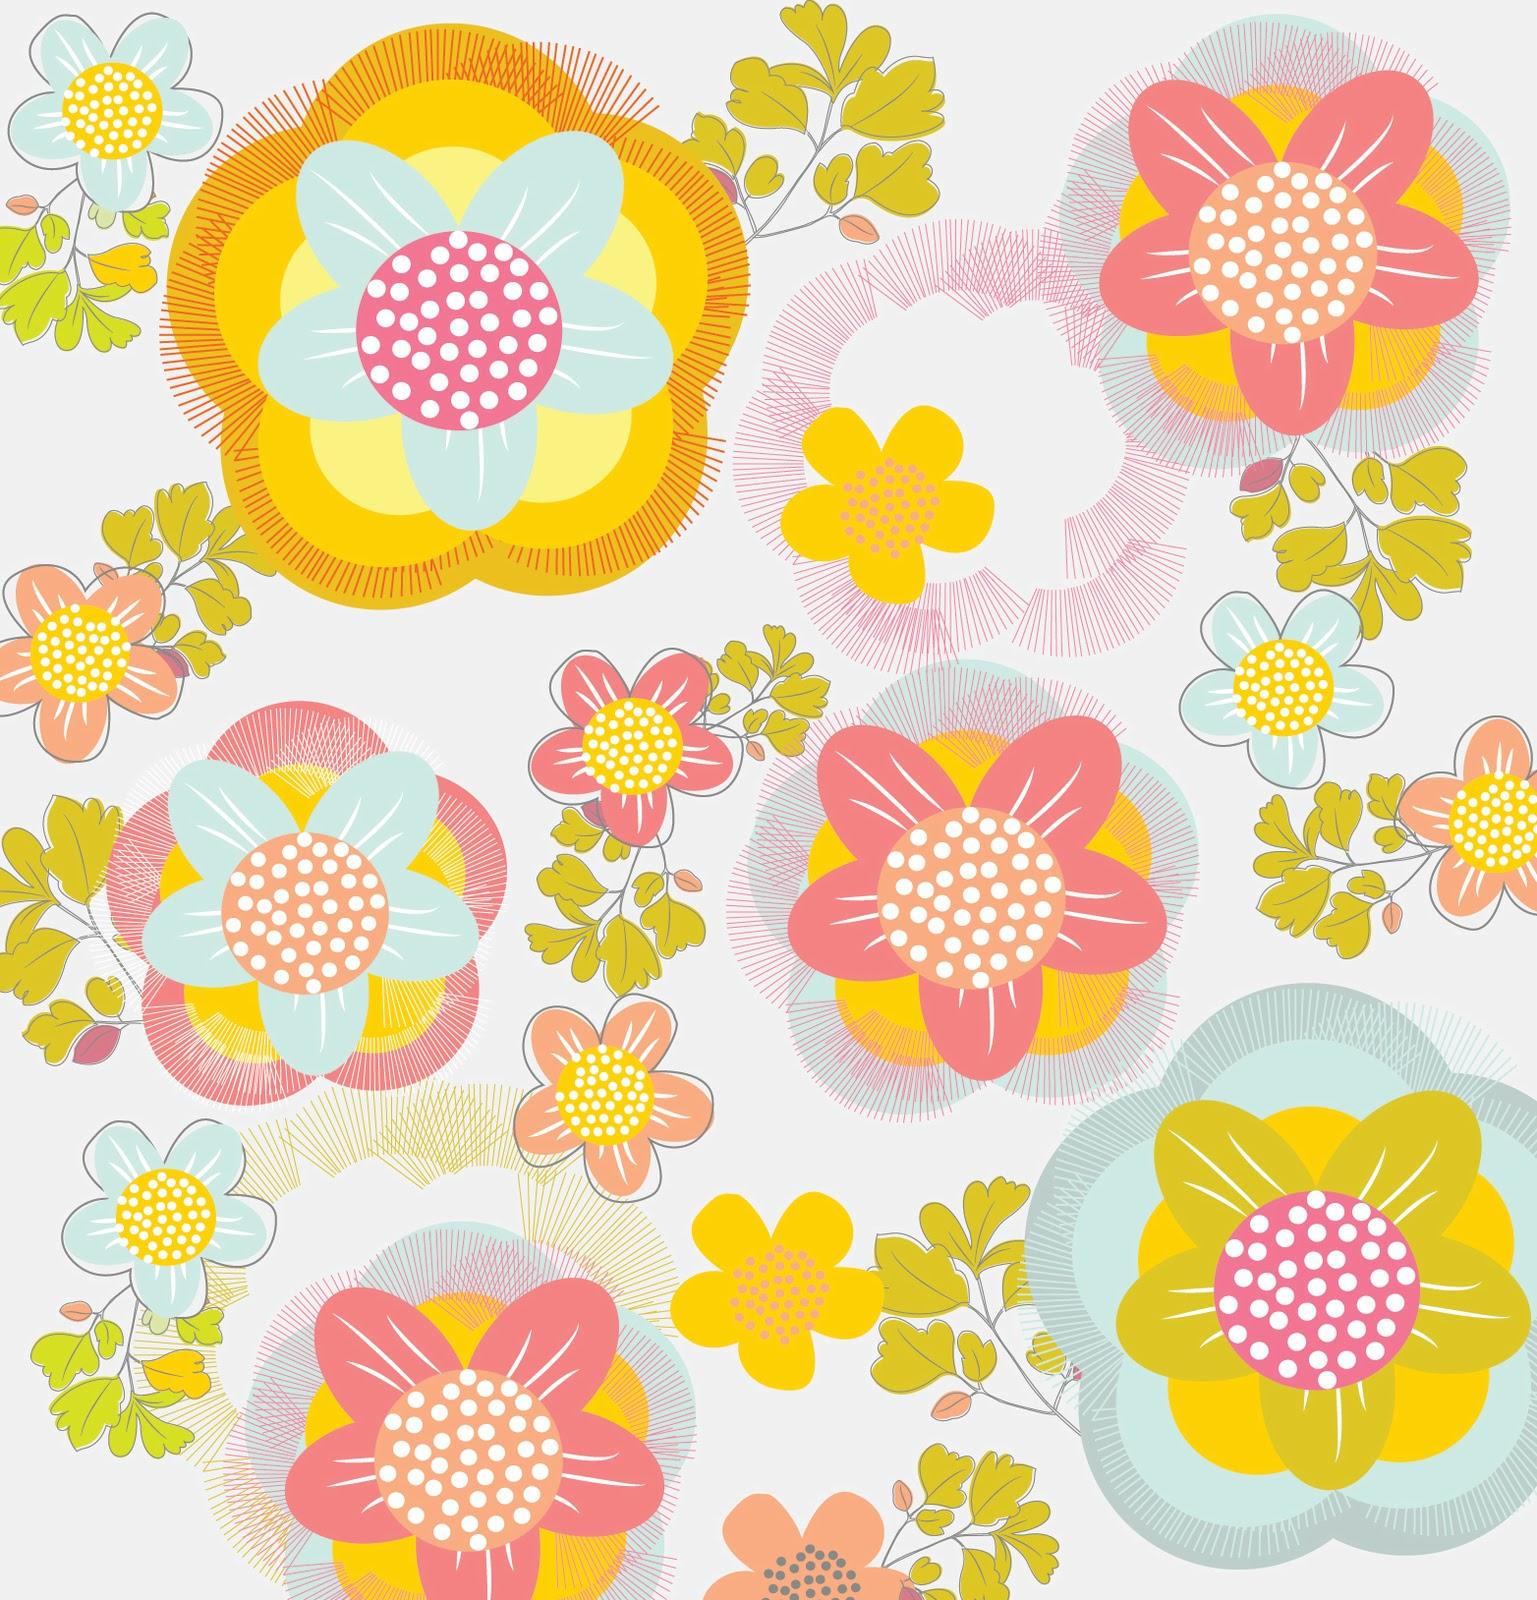 Textile/Surface Design Department - FIT